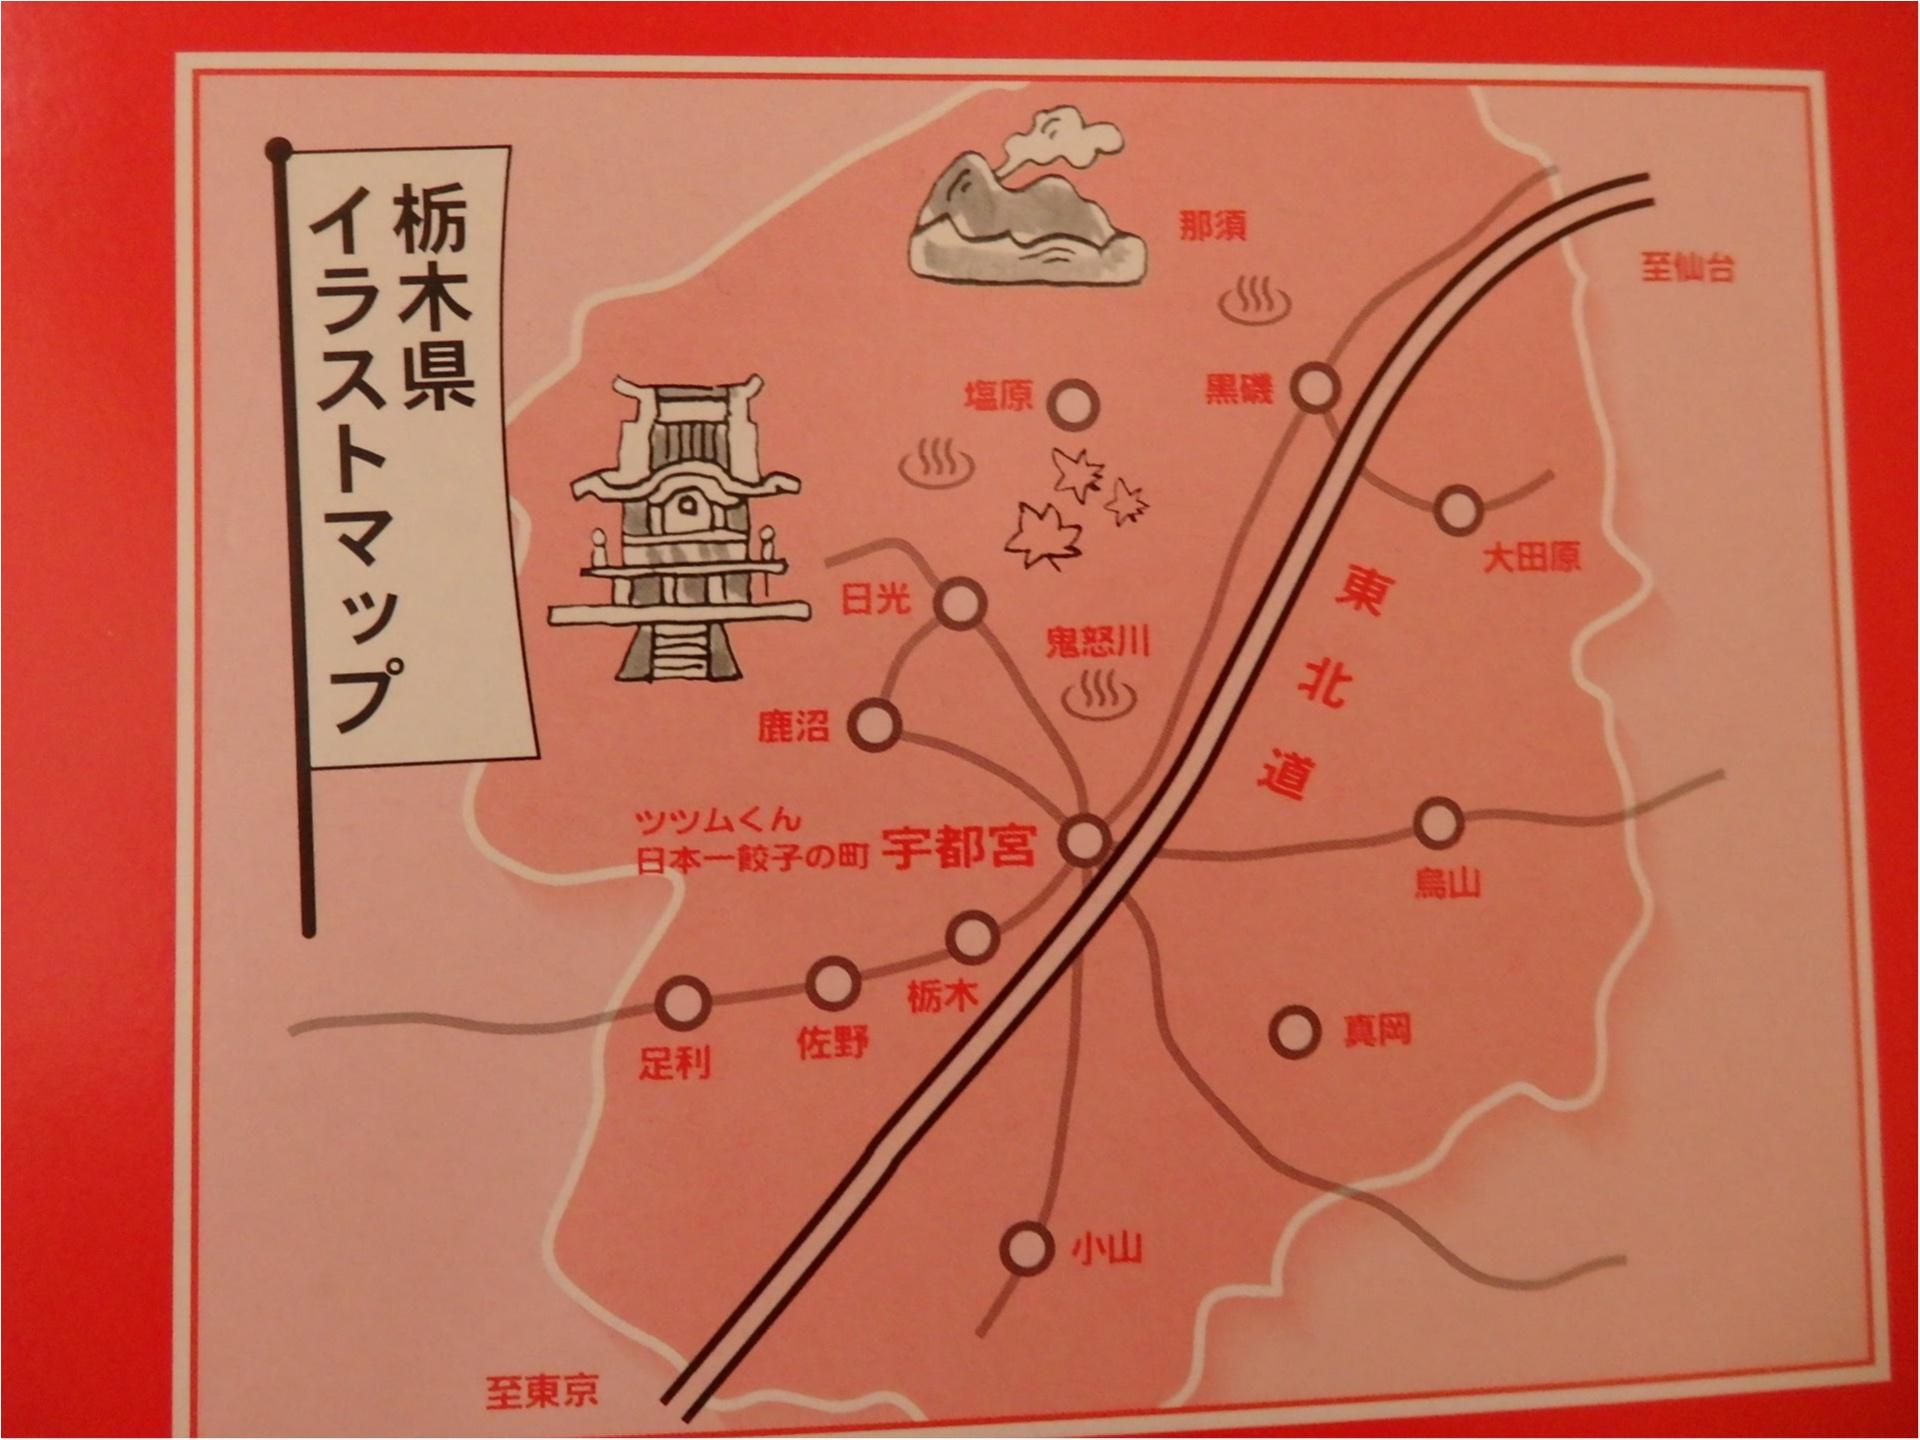 餃子といえばの宇都宮!ジャンル別喜ばれ最強お土産3選♡_7